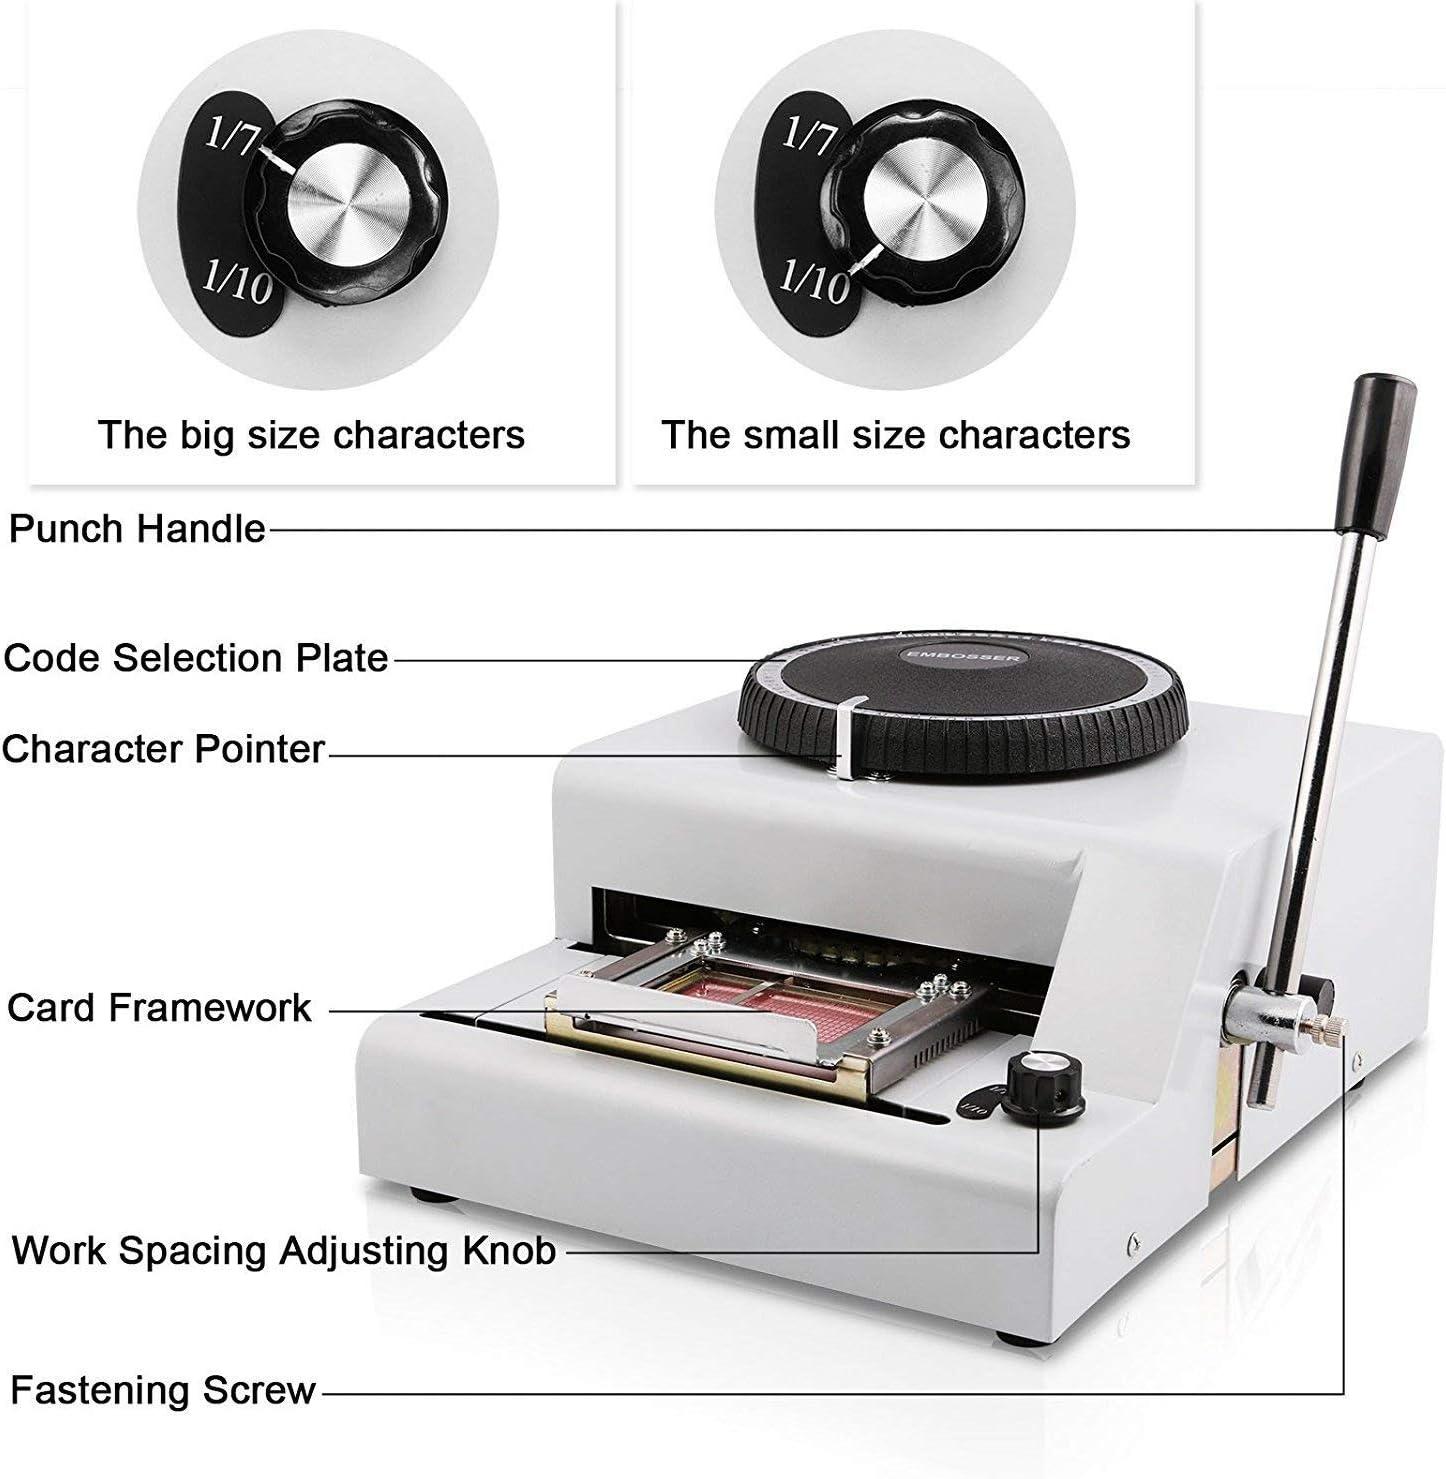 Ztopia - Máquina de repujado 72 caracteres tarjeta de repujado impresora de PVC tarjeta grabadora máquina de estampado ID VIP magnética repujado